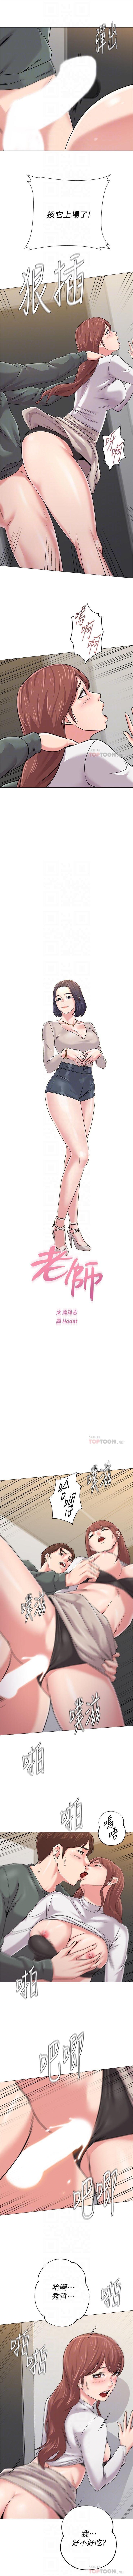 (周3)老师 1-56 中文翻译(更新中) 374